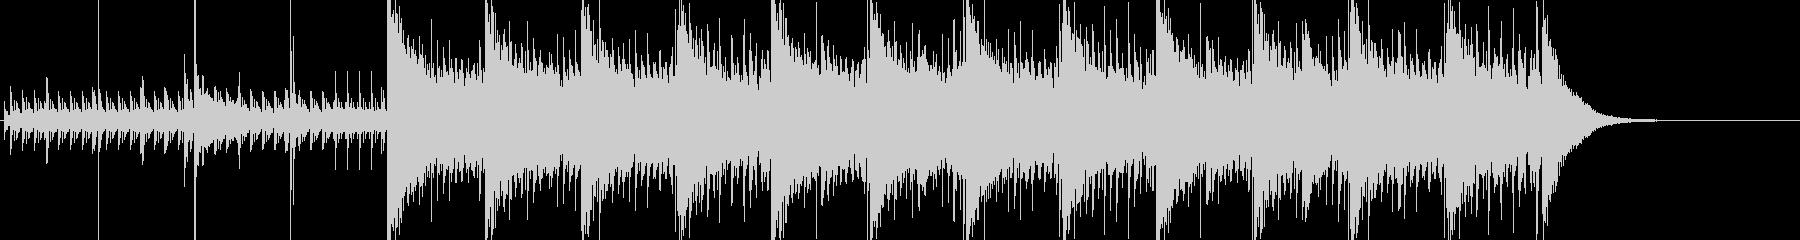 60秒・緊張感・クール・高速ジャズの未再生の波形